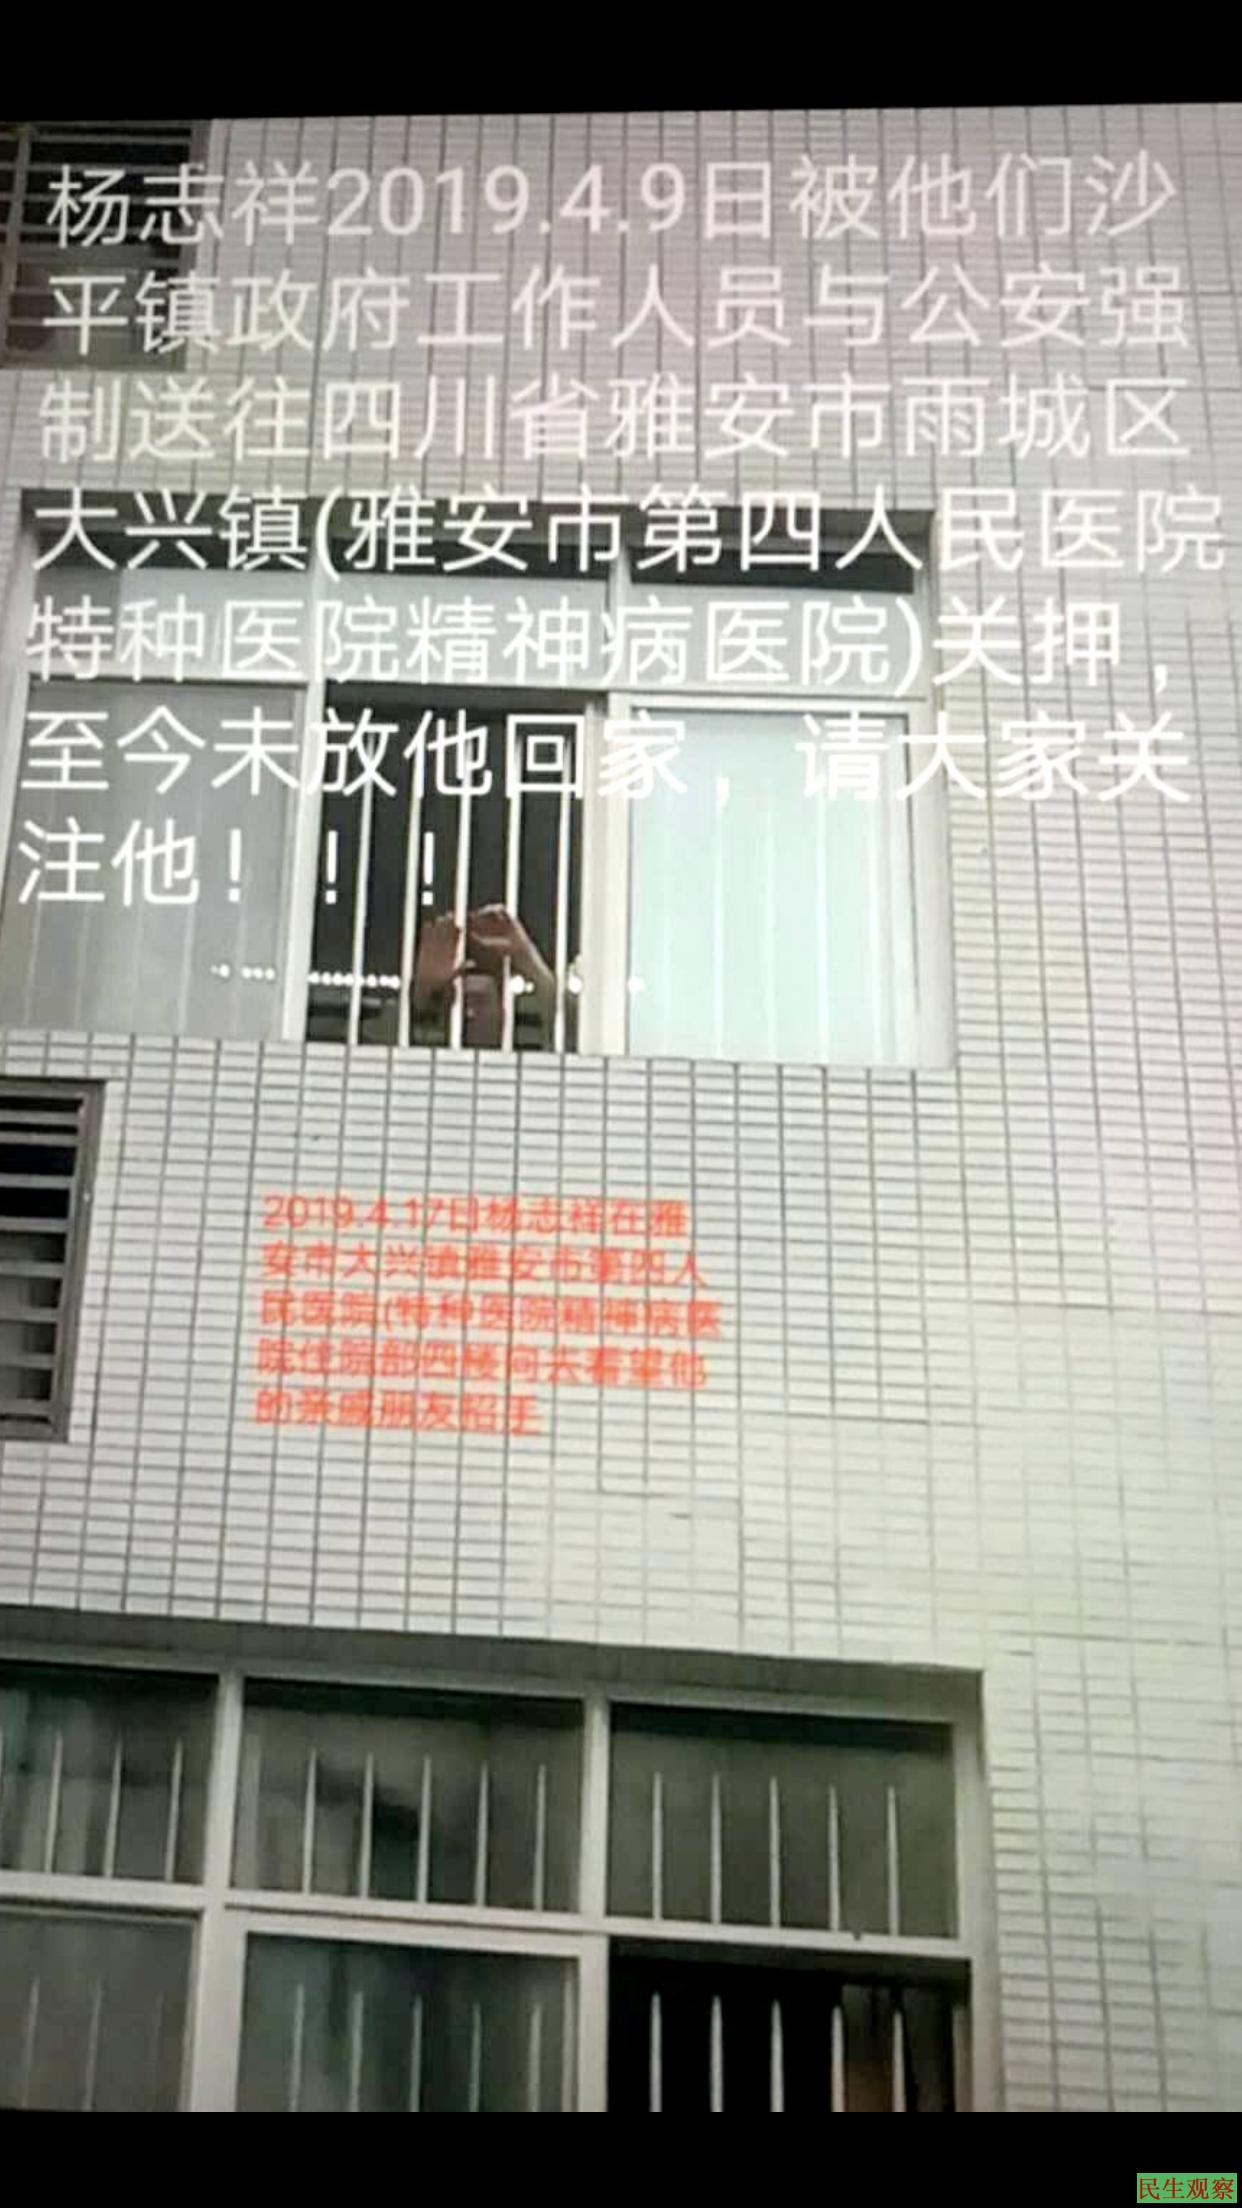 杨志祥被关精神病院 访友遭驱离